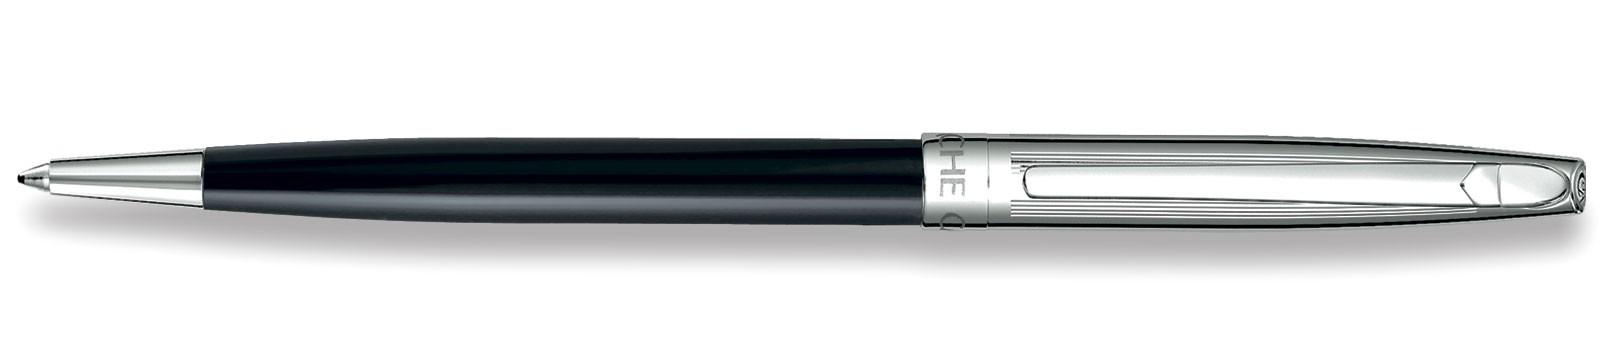 Шариковая ручка Caran d'Ache